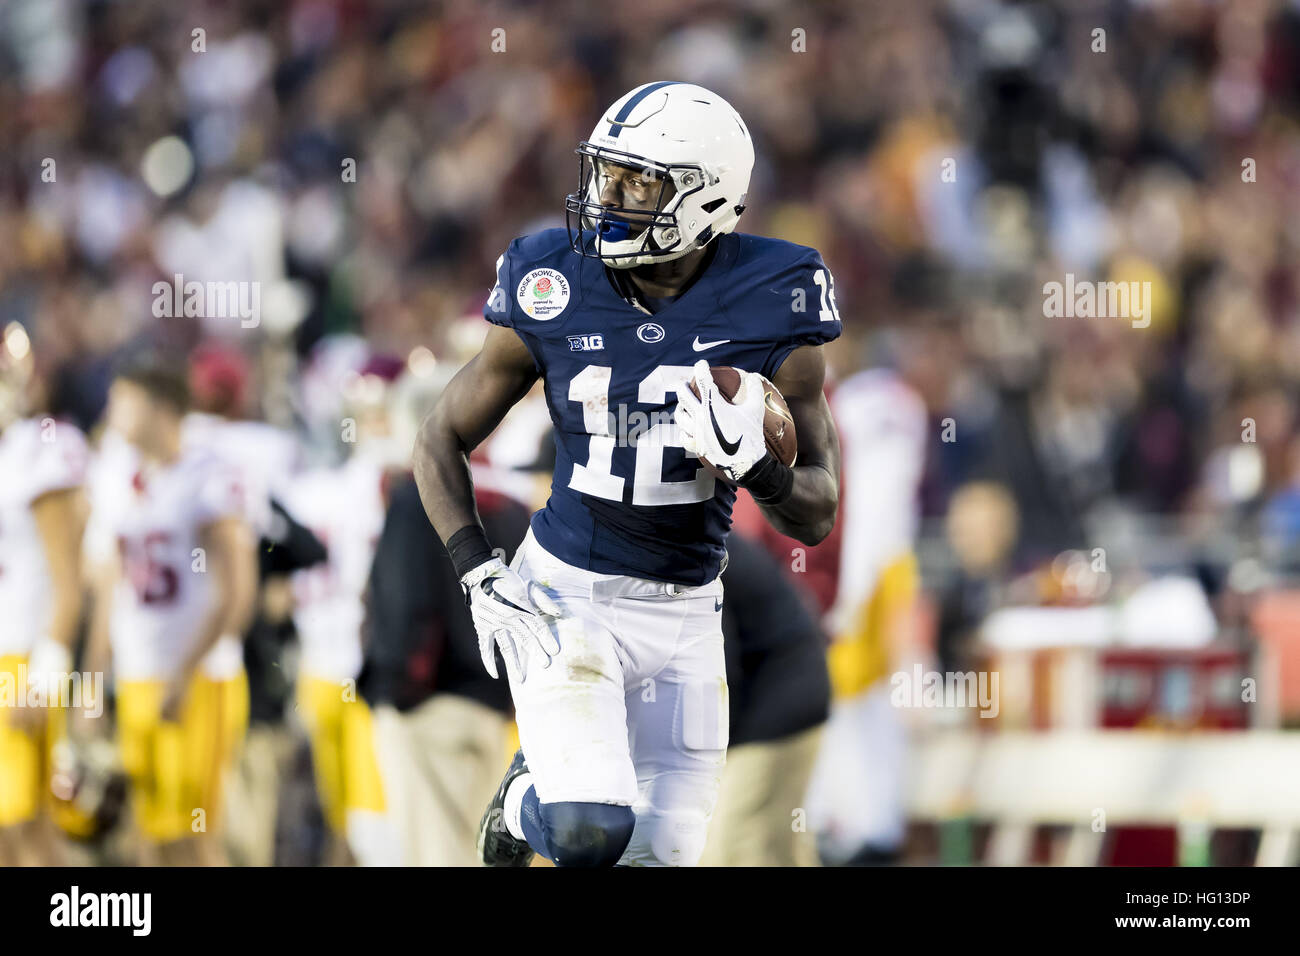 Kalifornien, USA. 2. Januar 2017.  Penn State Wide Receiver Chris Godwin (12) mit einem erstaunlichen Touchdown Stockfoto